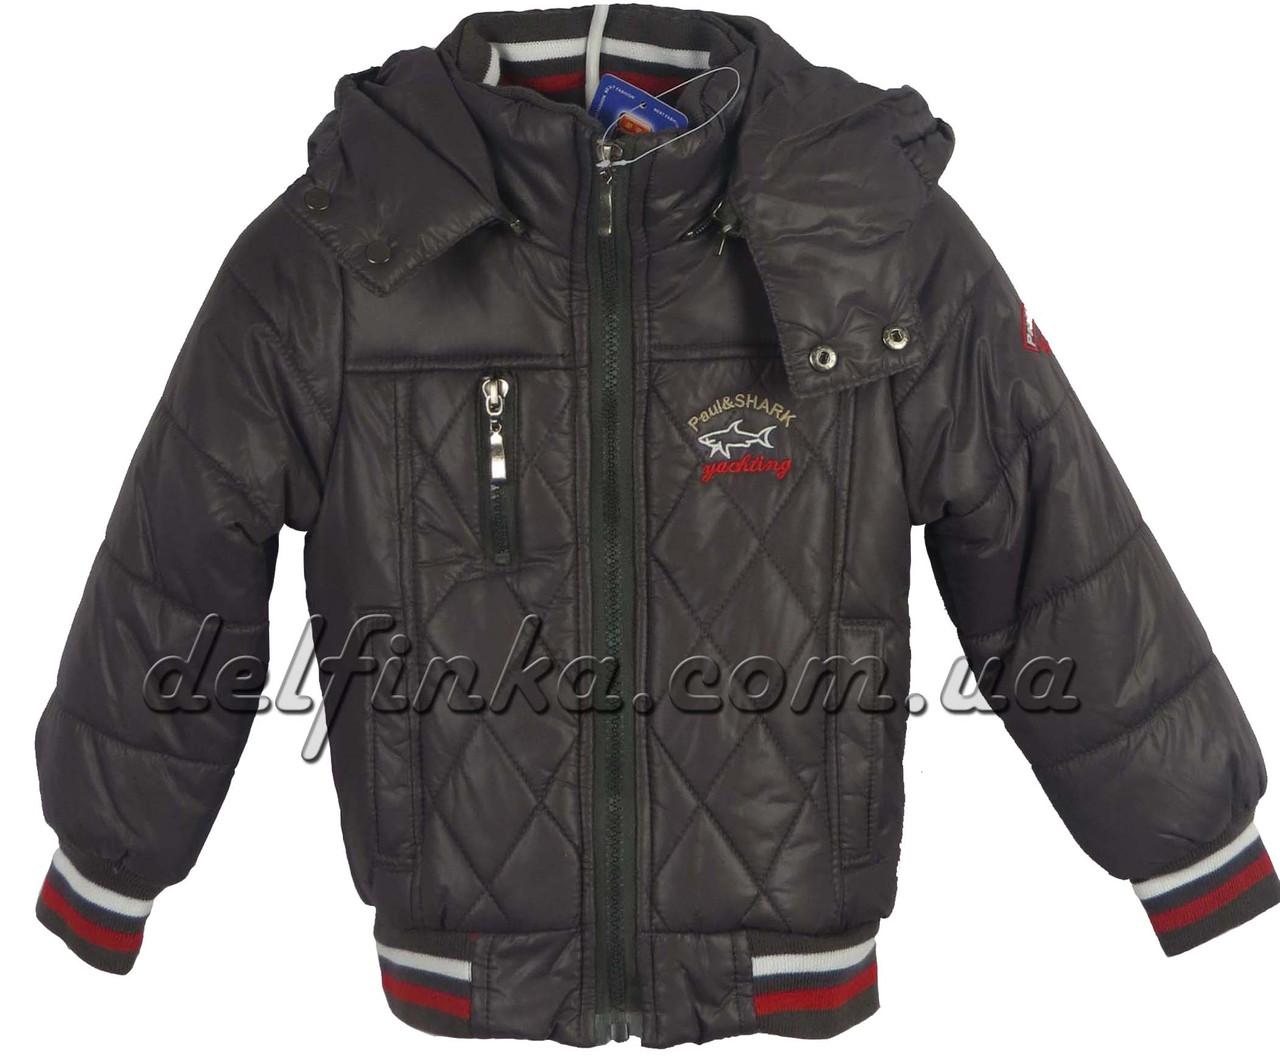 Куртка, для мальчика, теплая, на флисе, 1-4 лет цвет серый, фото 1